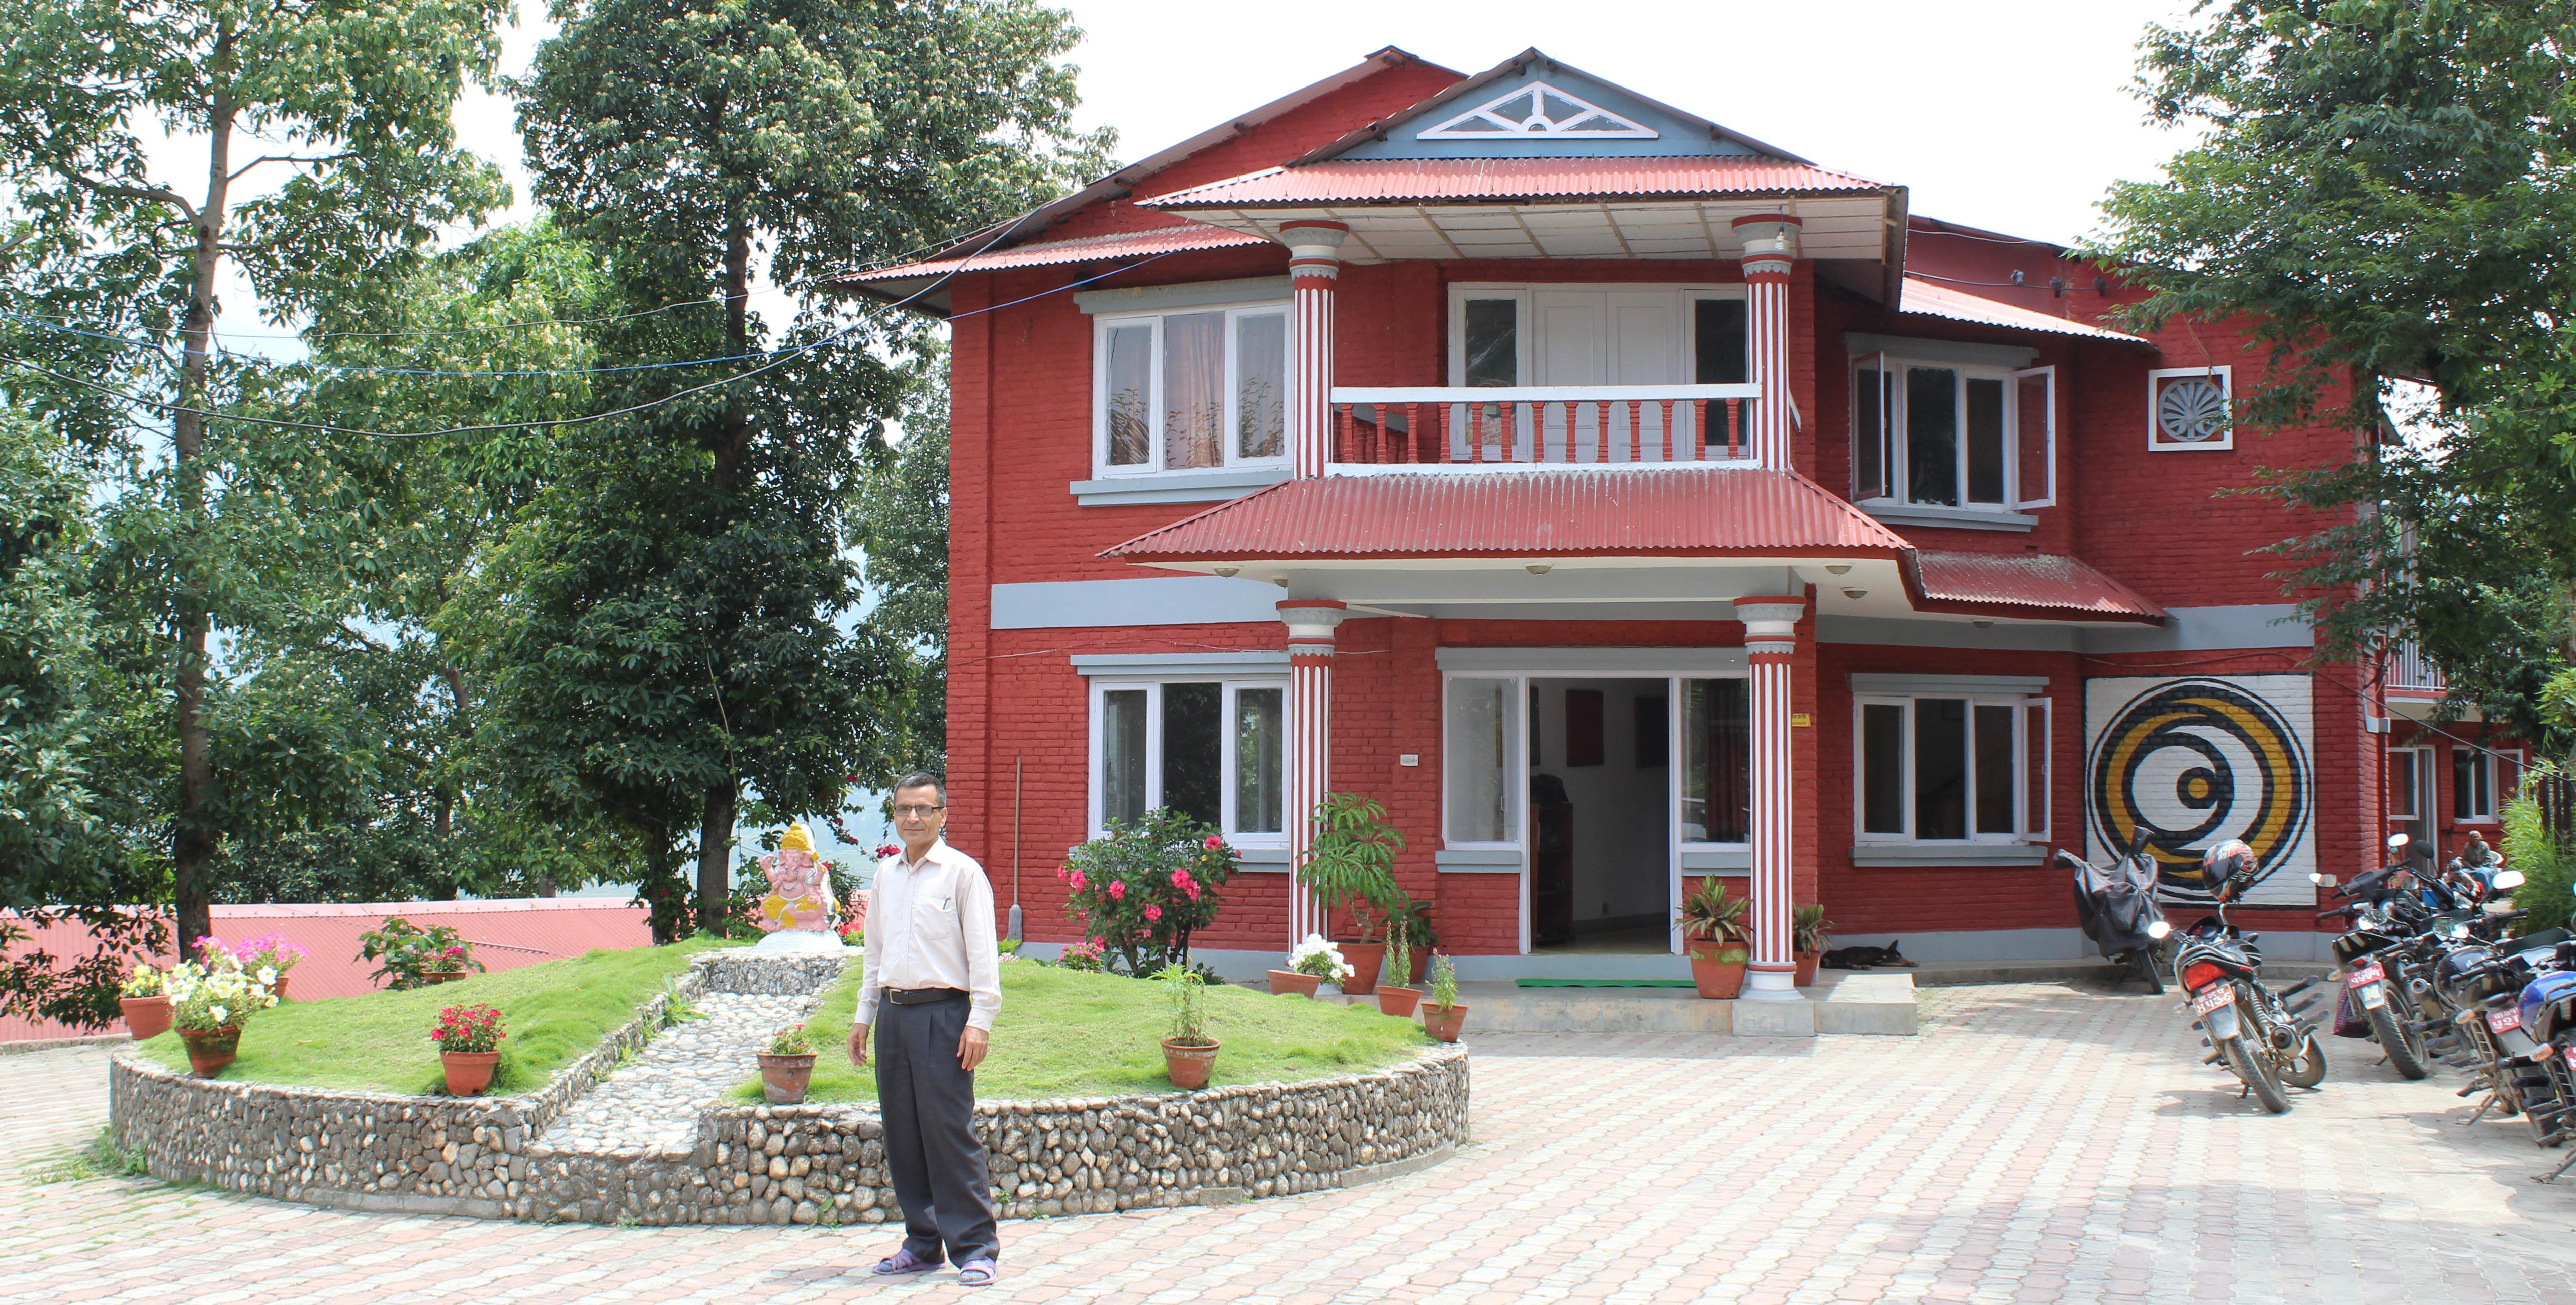 New Sadle (Nepal)